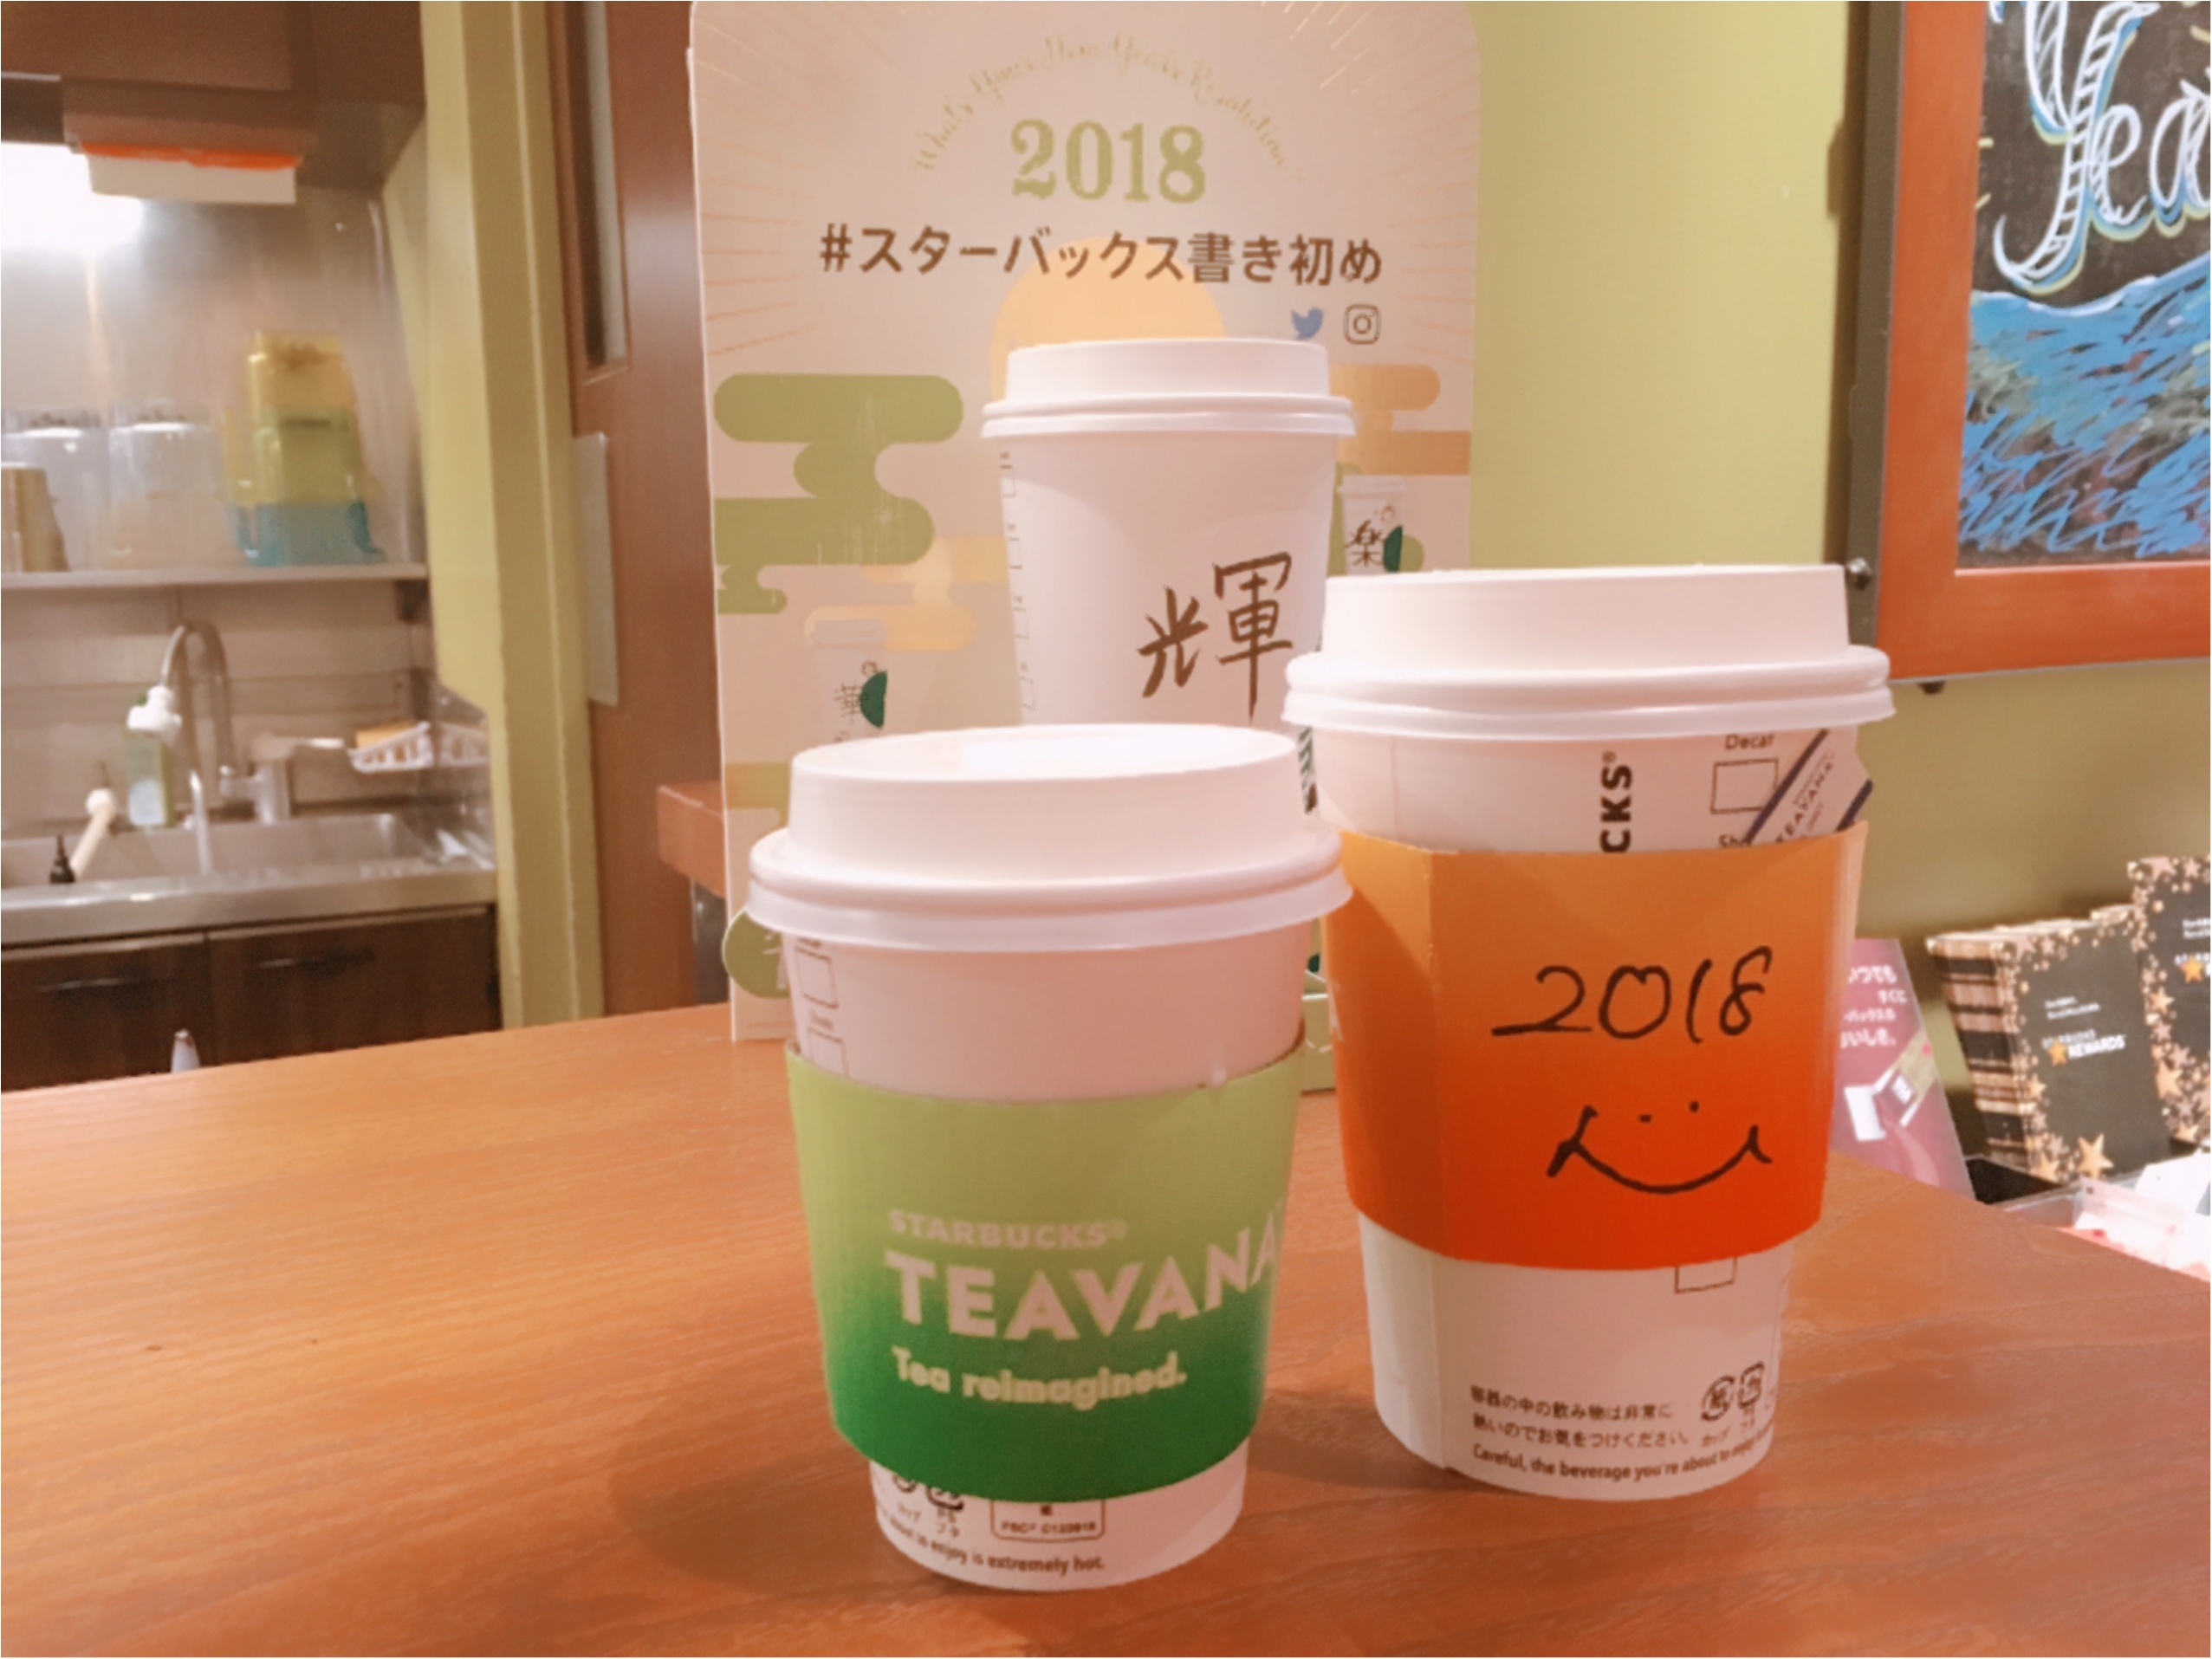 【スタバ】紅茶派さんにオススメ!ロイヤルミルクティー風0円カスタム&TEAVANA新カードがかわいい♡_2